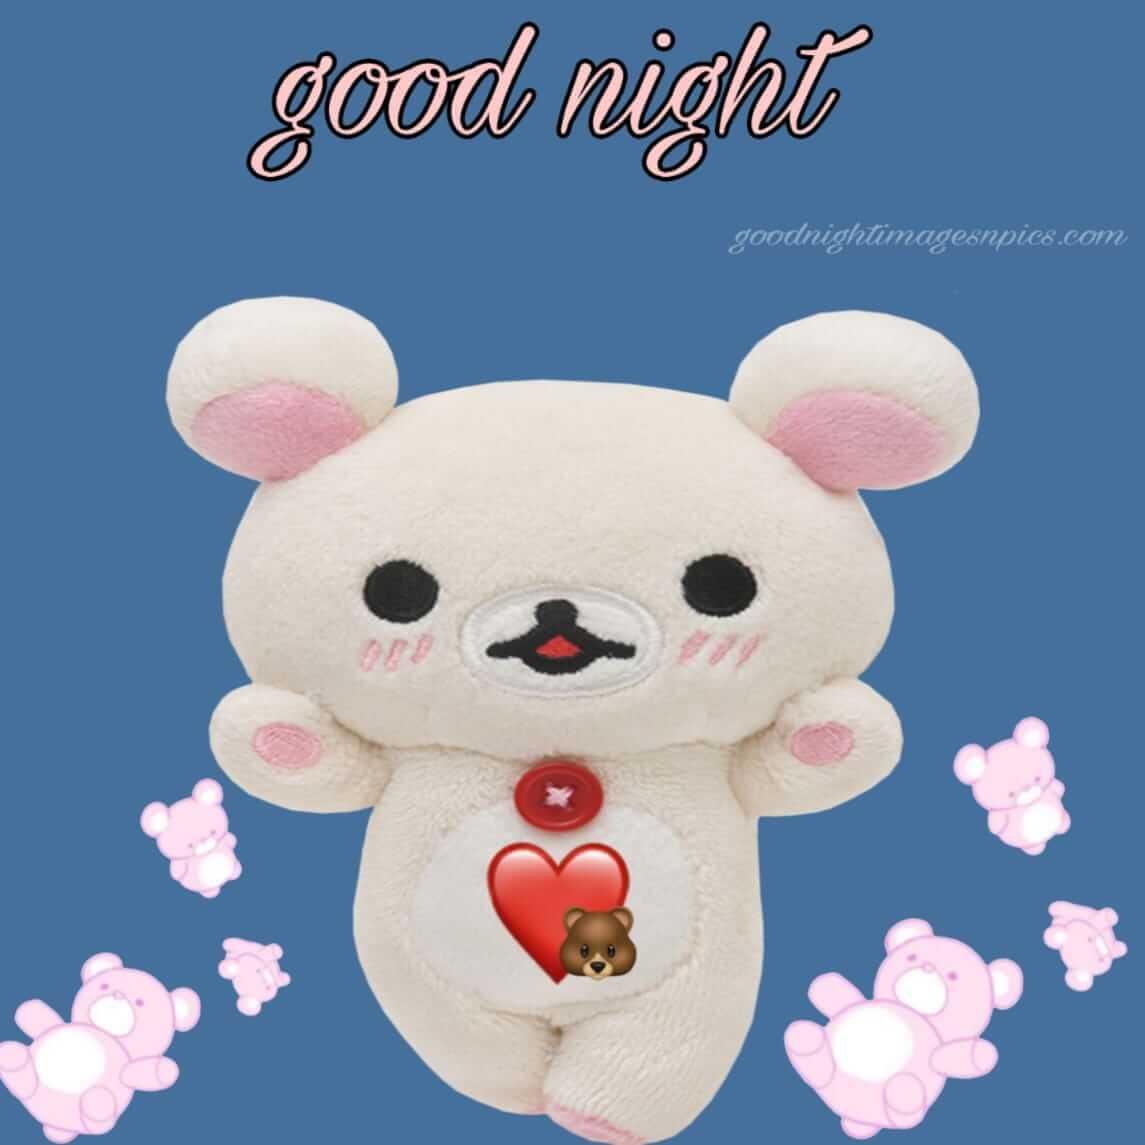 Amazing Good Night Images